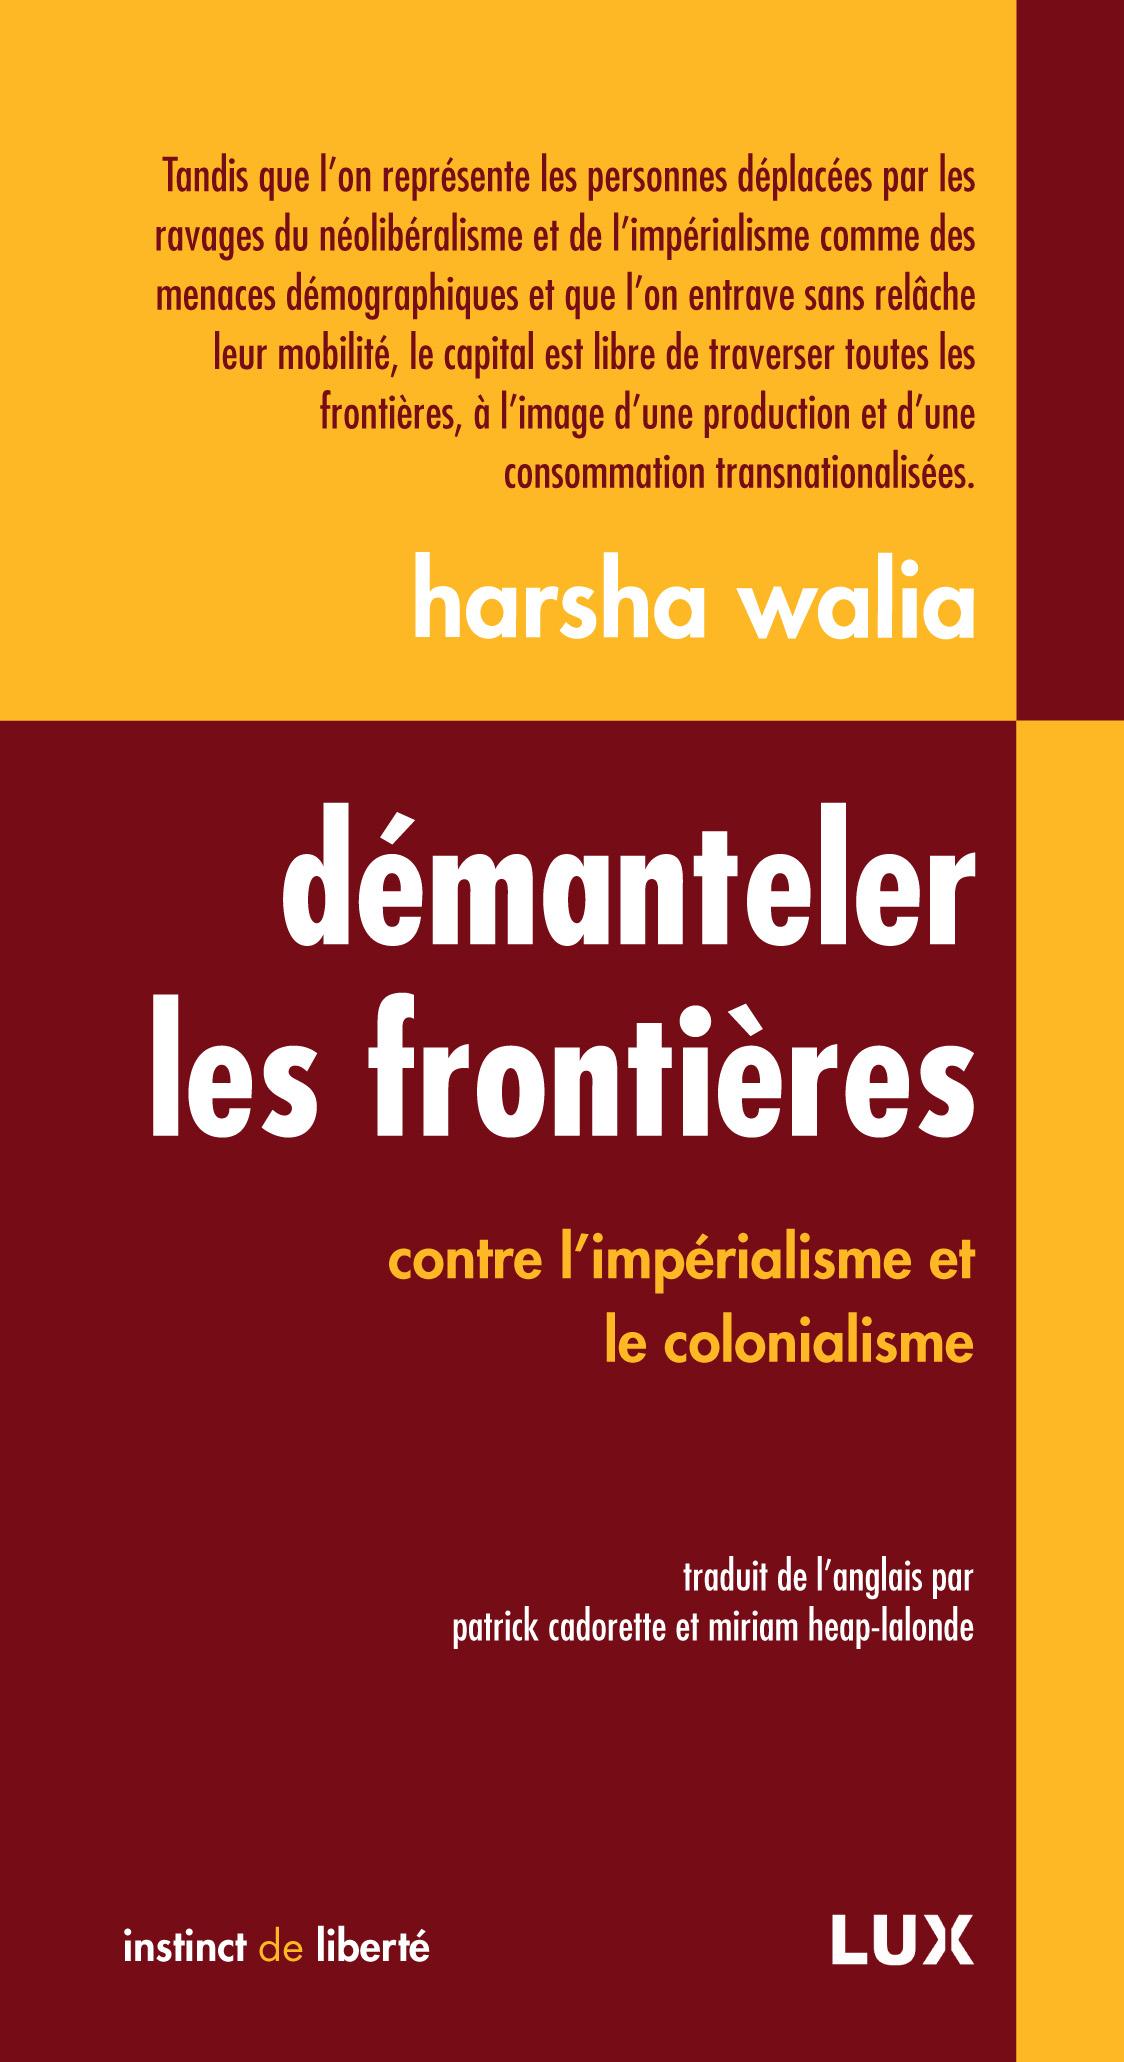 Démanteler les frontières contre l'impérialisme et colonialisme